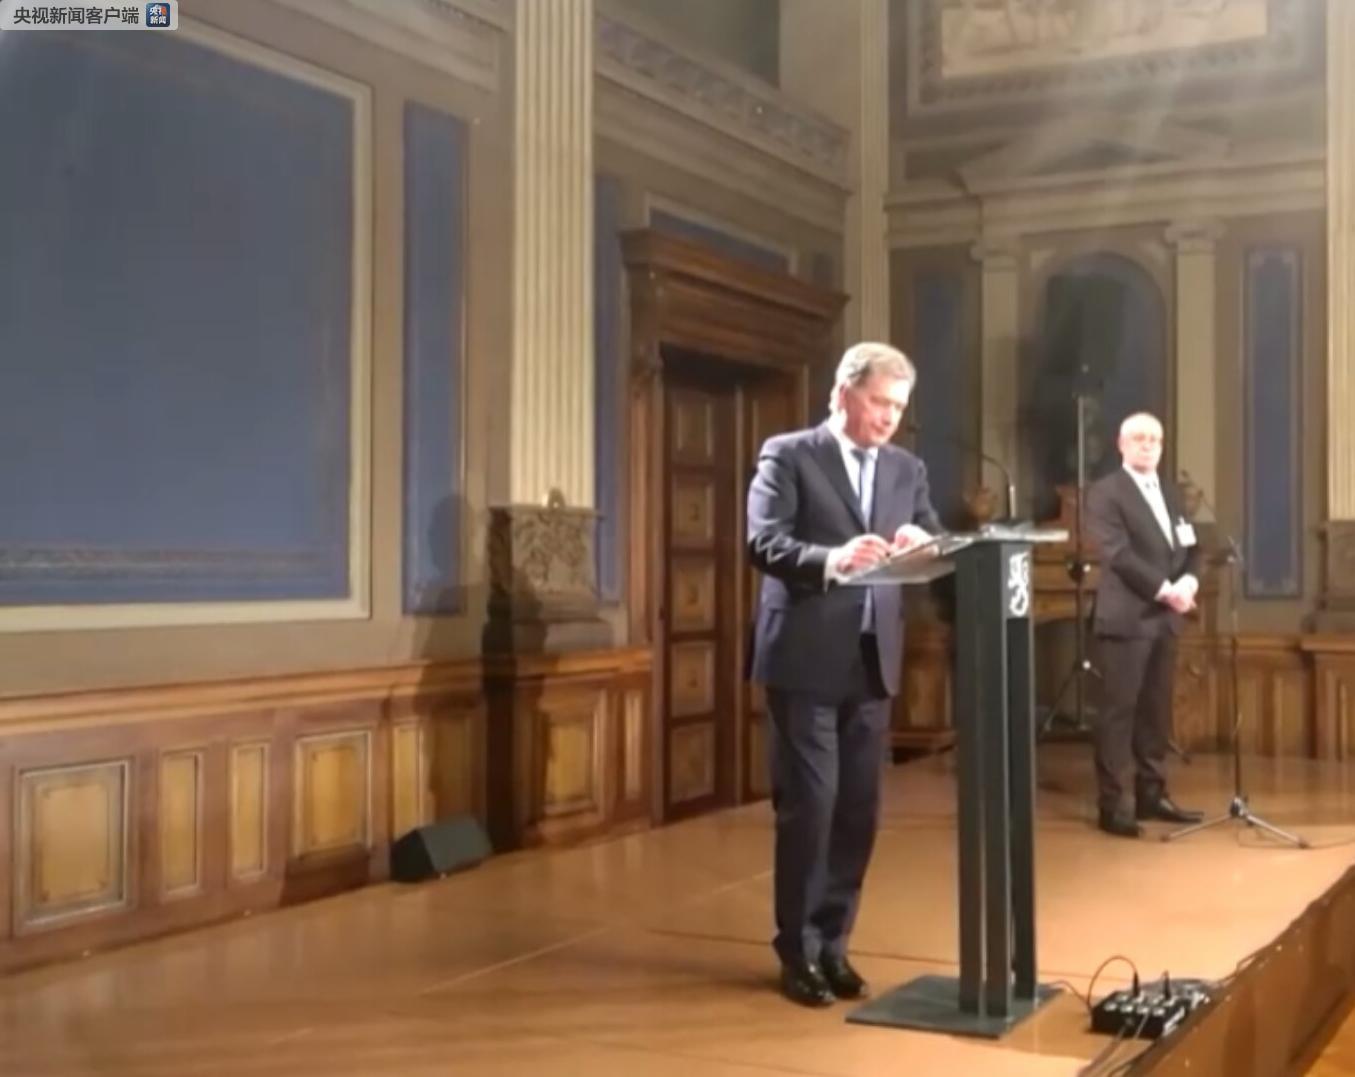 澳门永利开户:2018年芬兰总统选举结果出炉_尼尼斯托成功连任